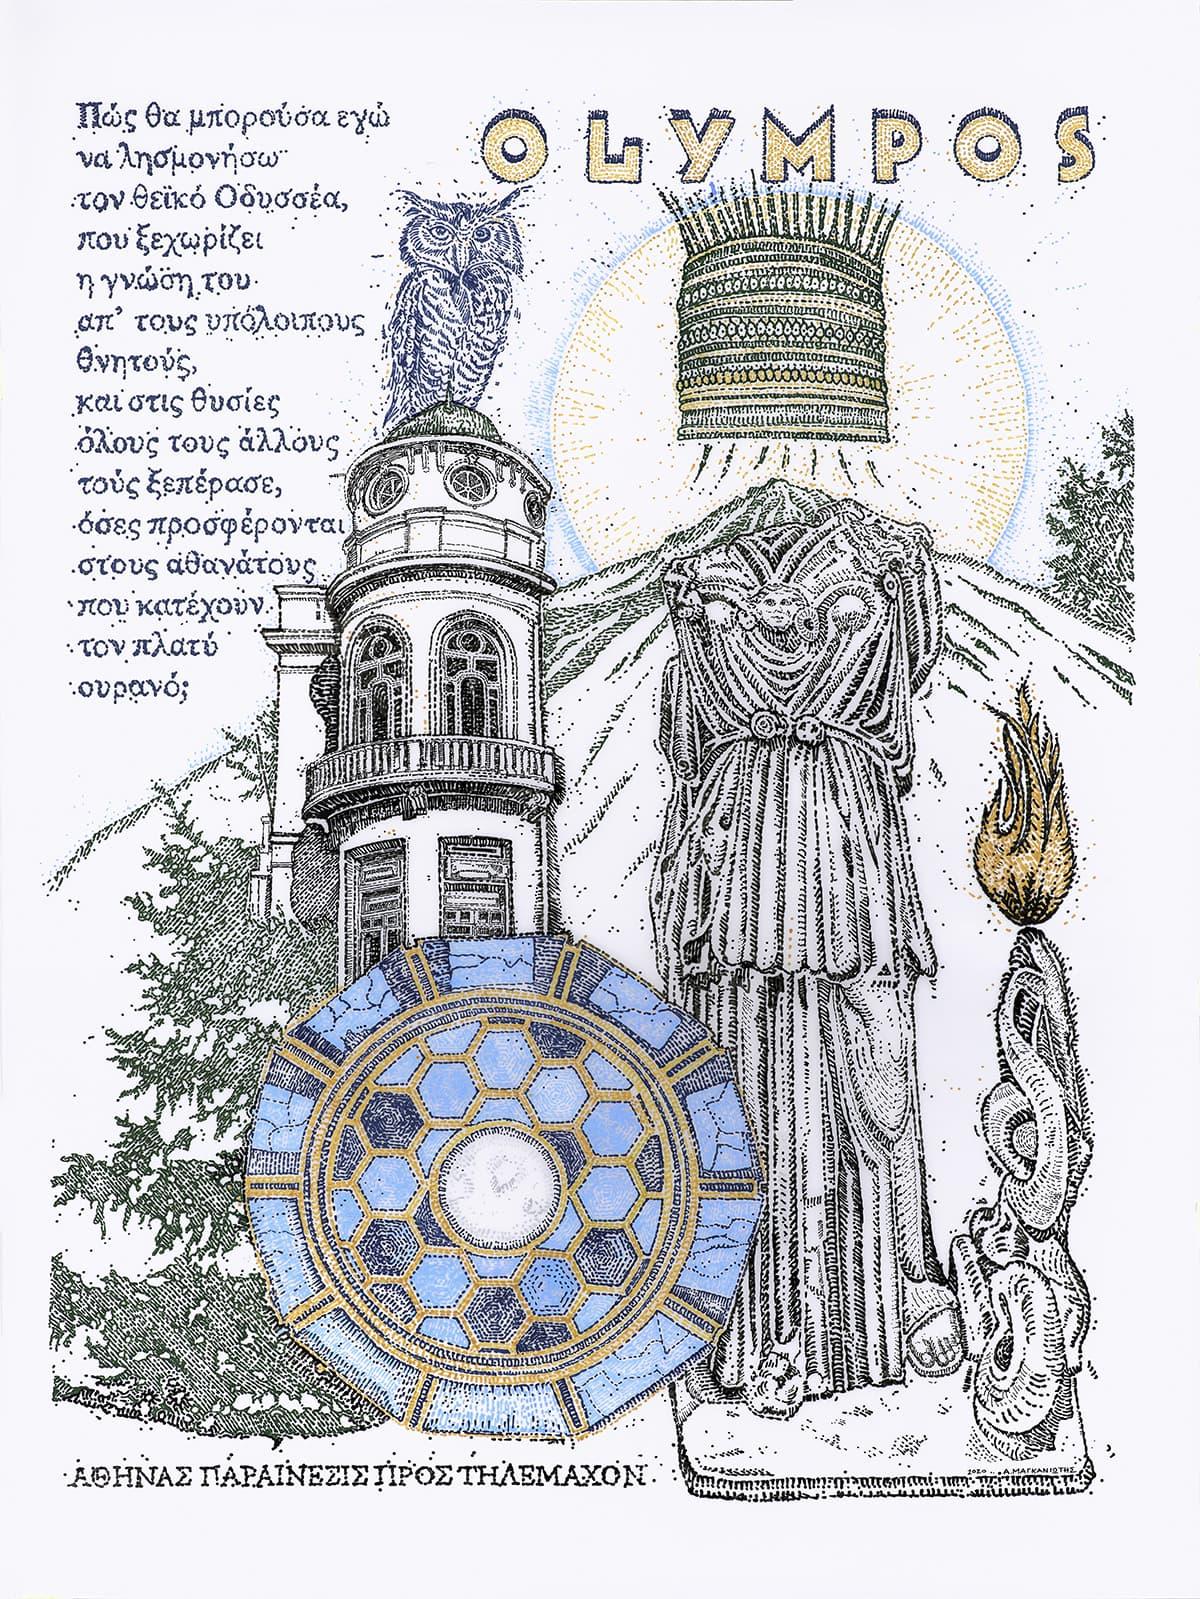 Έκθεση του Αλέξανδρου Μαγκανιώτη